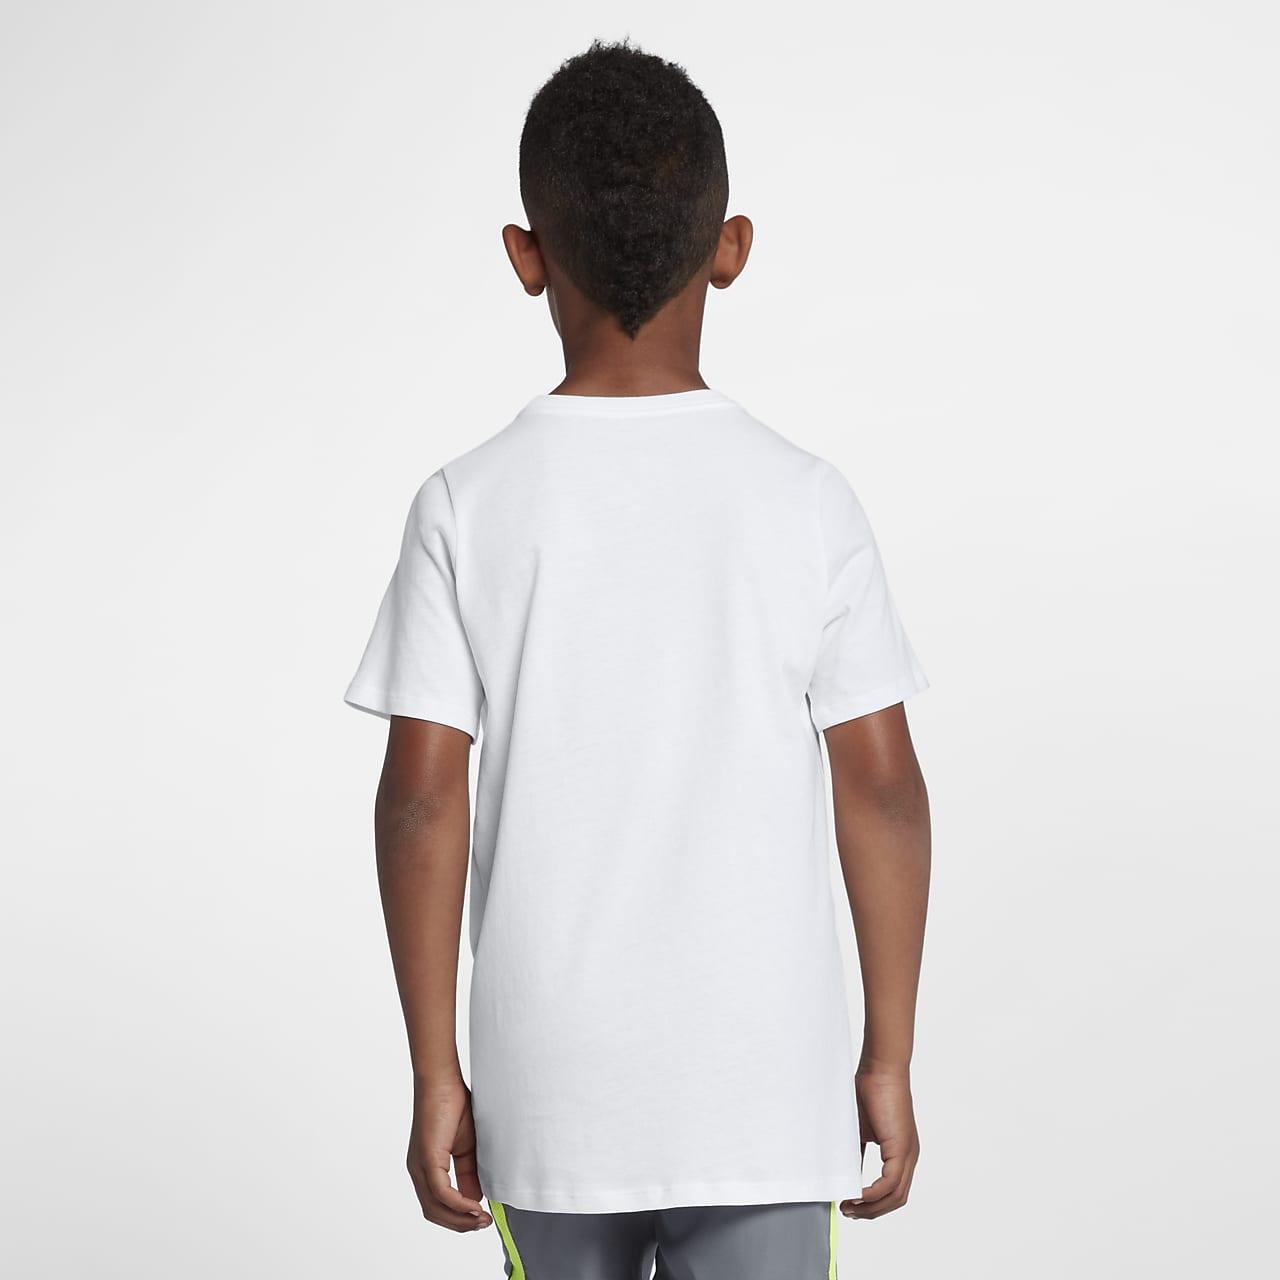 Nike Pro T Skjorte V Neck Hvit Dame   unisportstore.no